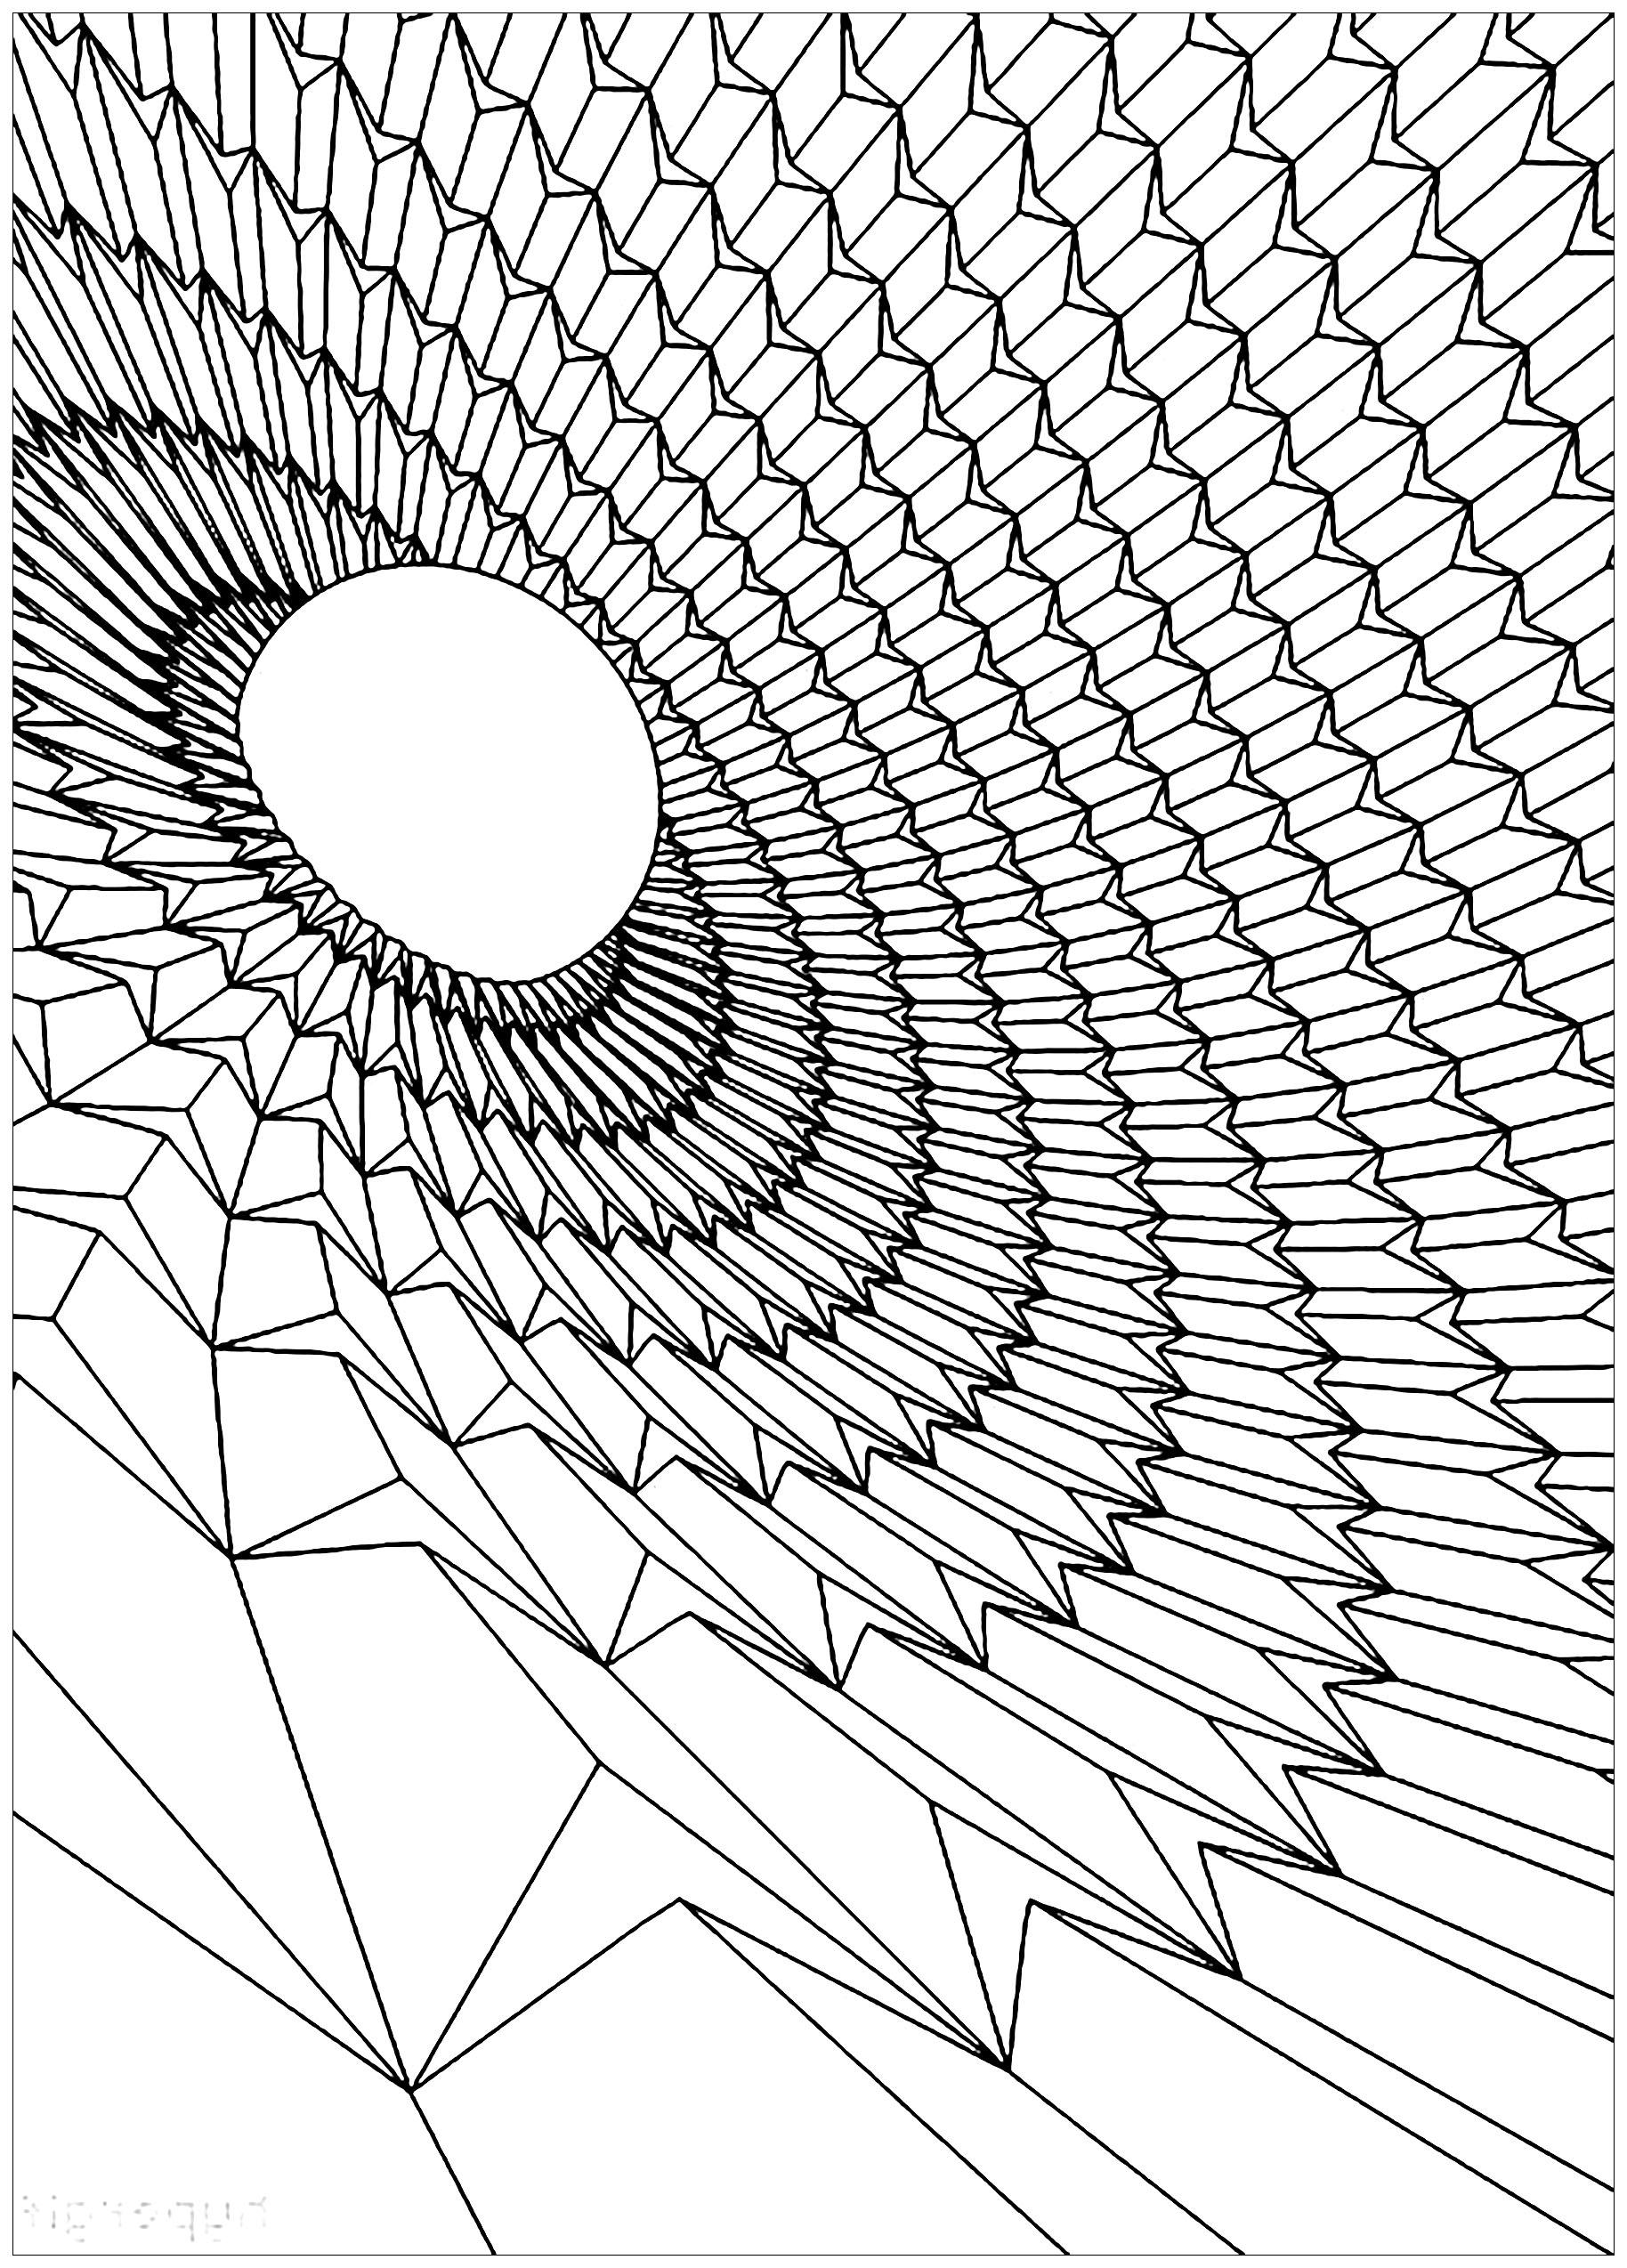 Colorear para adultos : Psychedelic - 26 - Esta imagen contiene : Black hole, Space